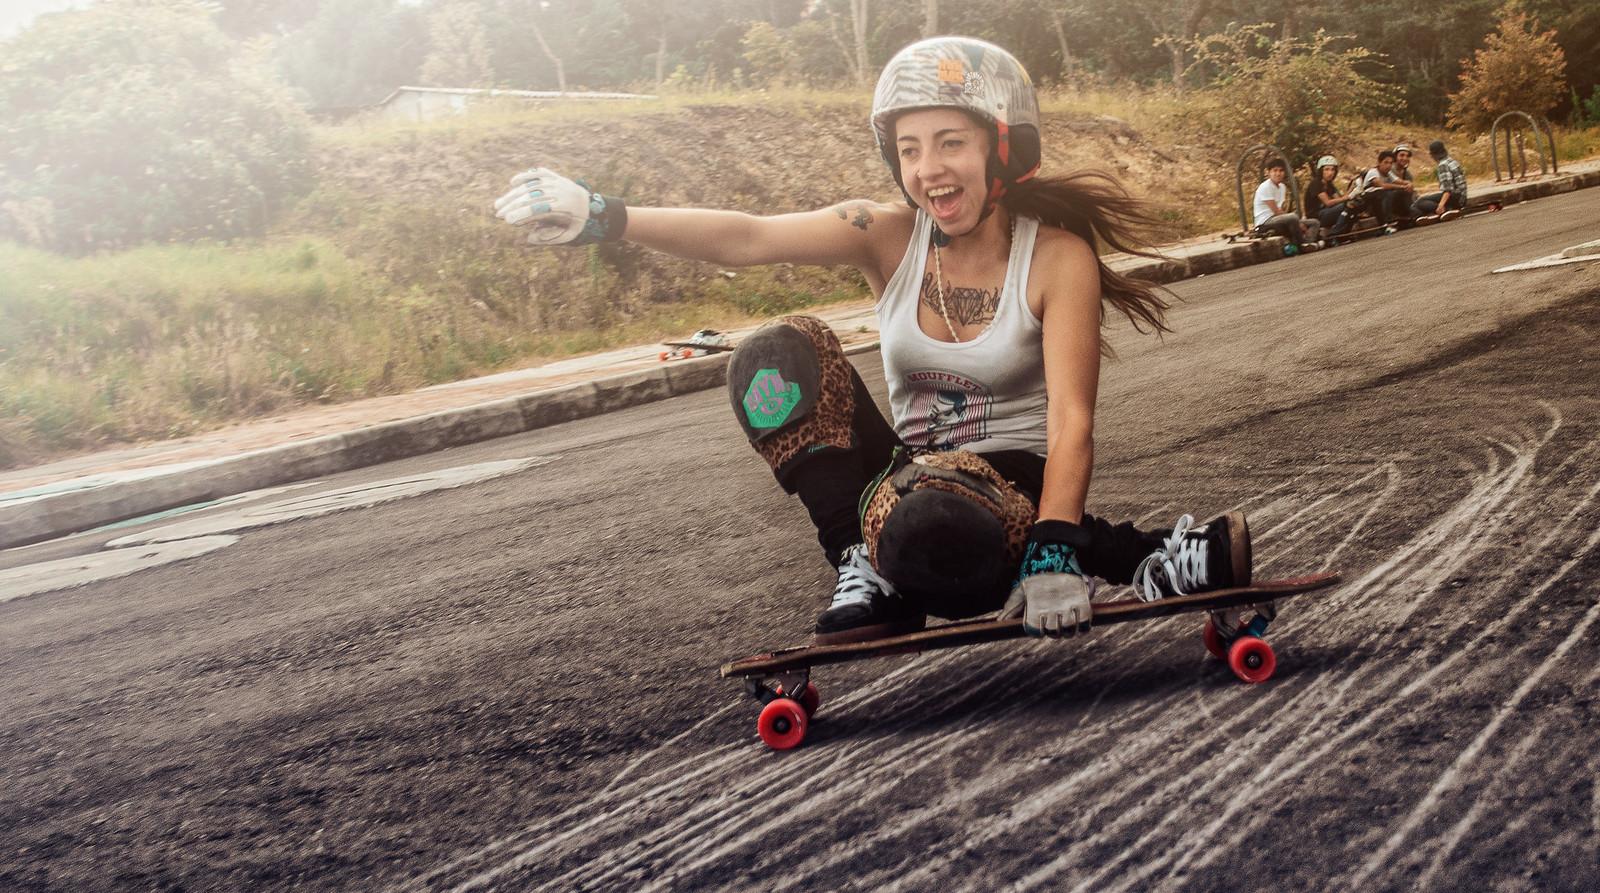 Longboard girls crew, chela giraldo, longboard girl, longboard, girl, cool, fun, slide